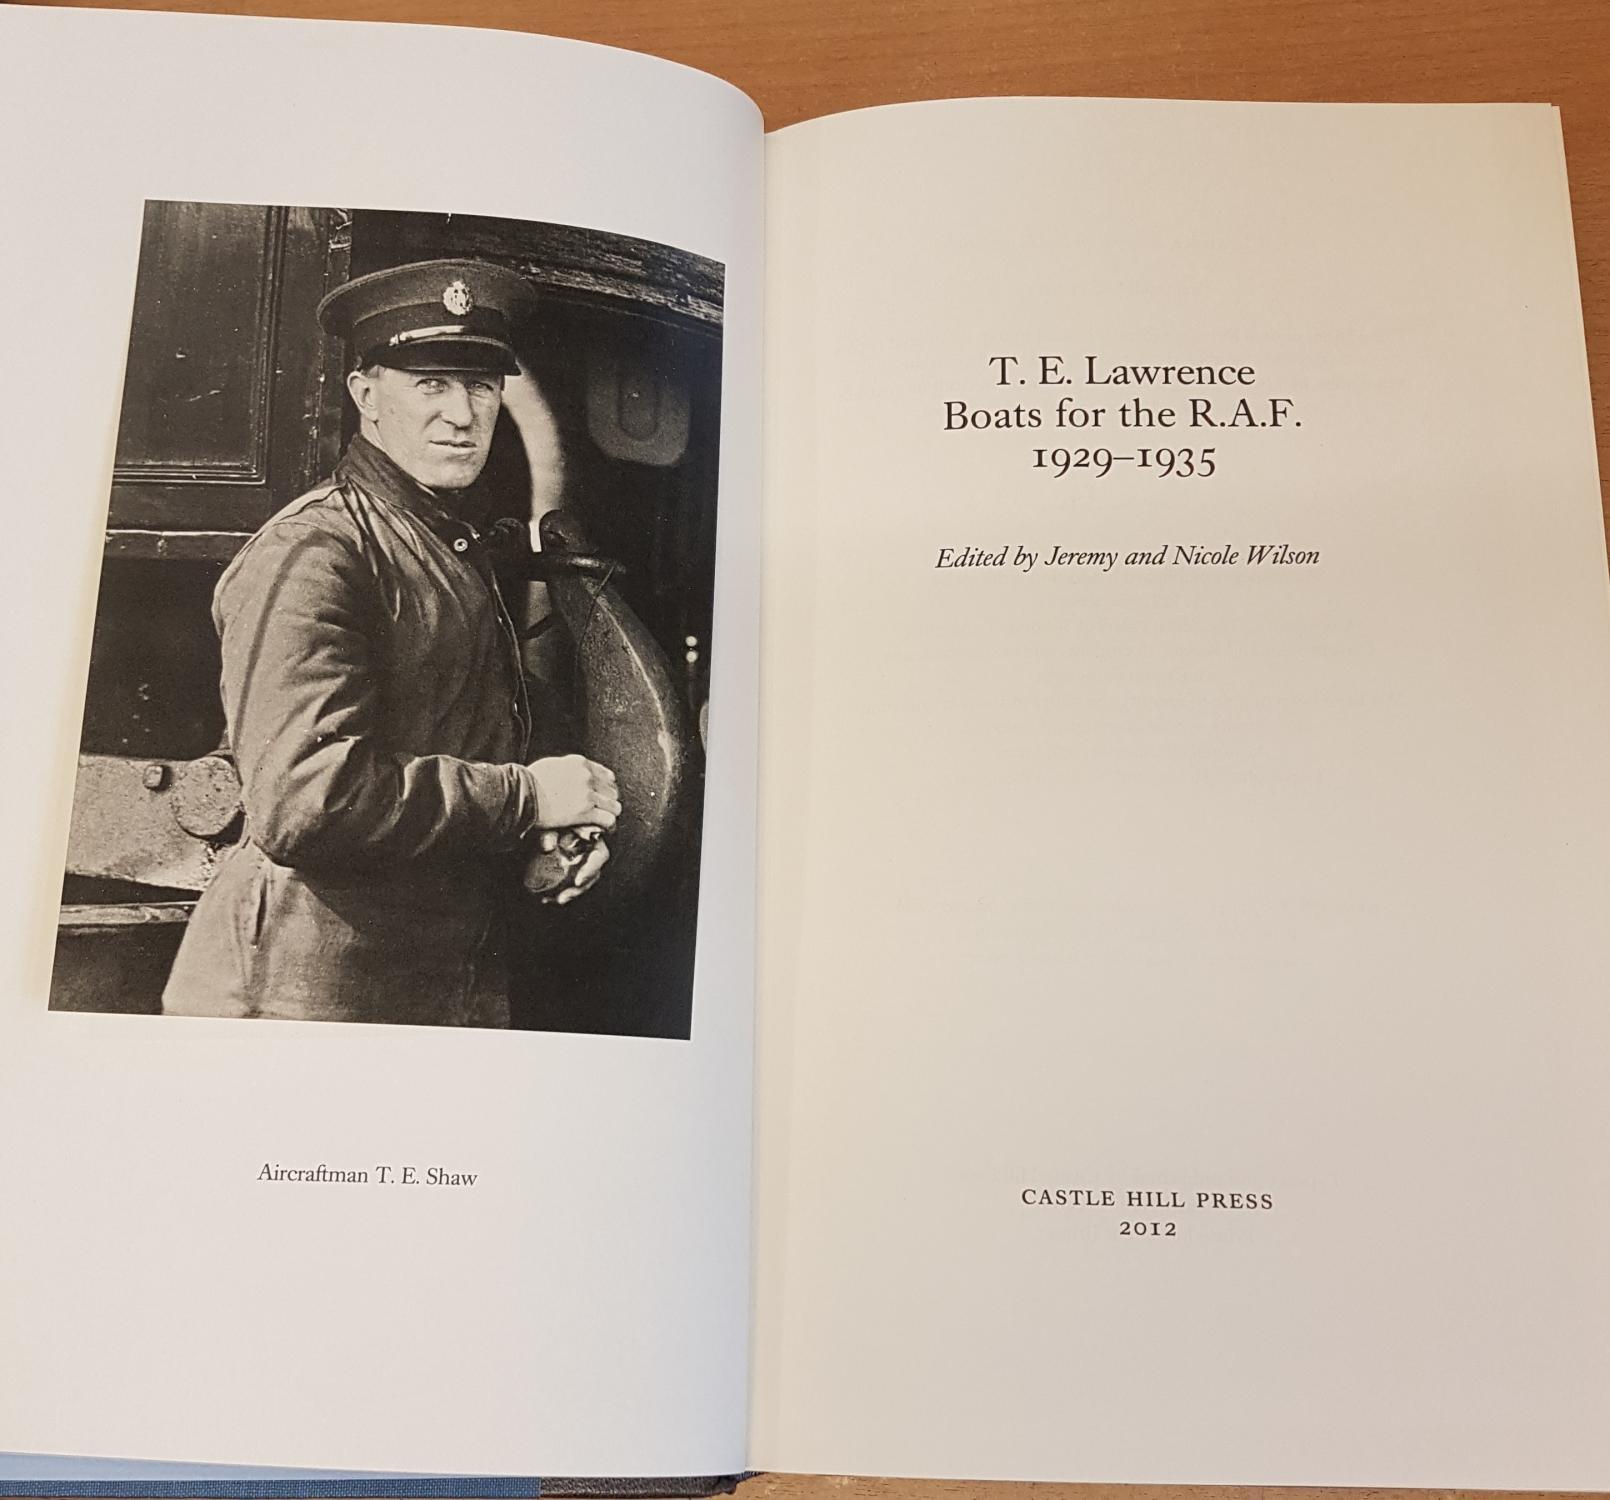 viaLibri ~ Rare Books from 2012 - Page 18